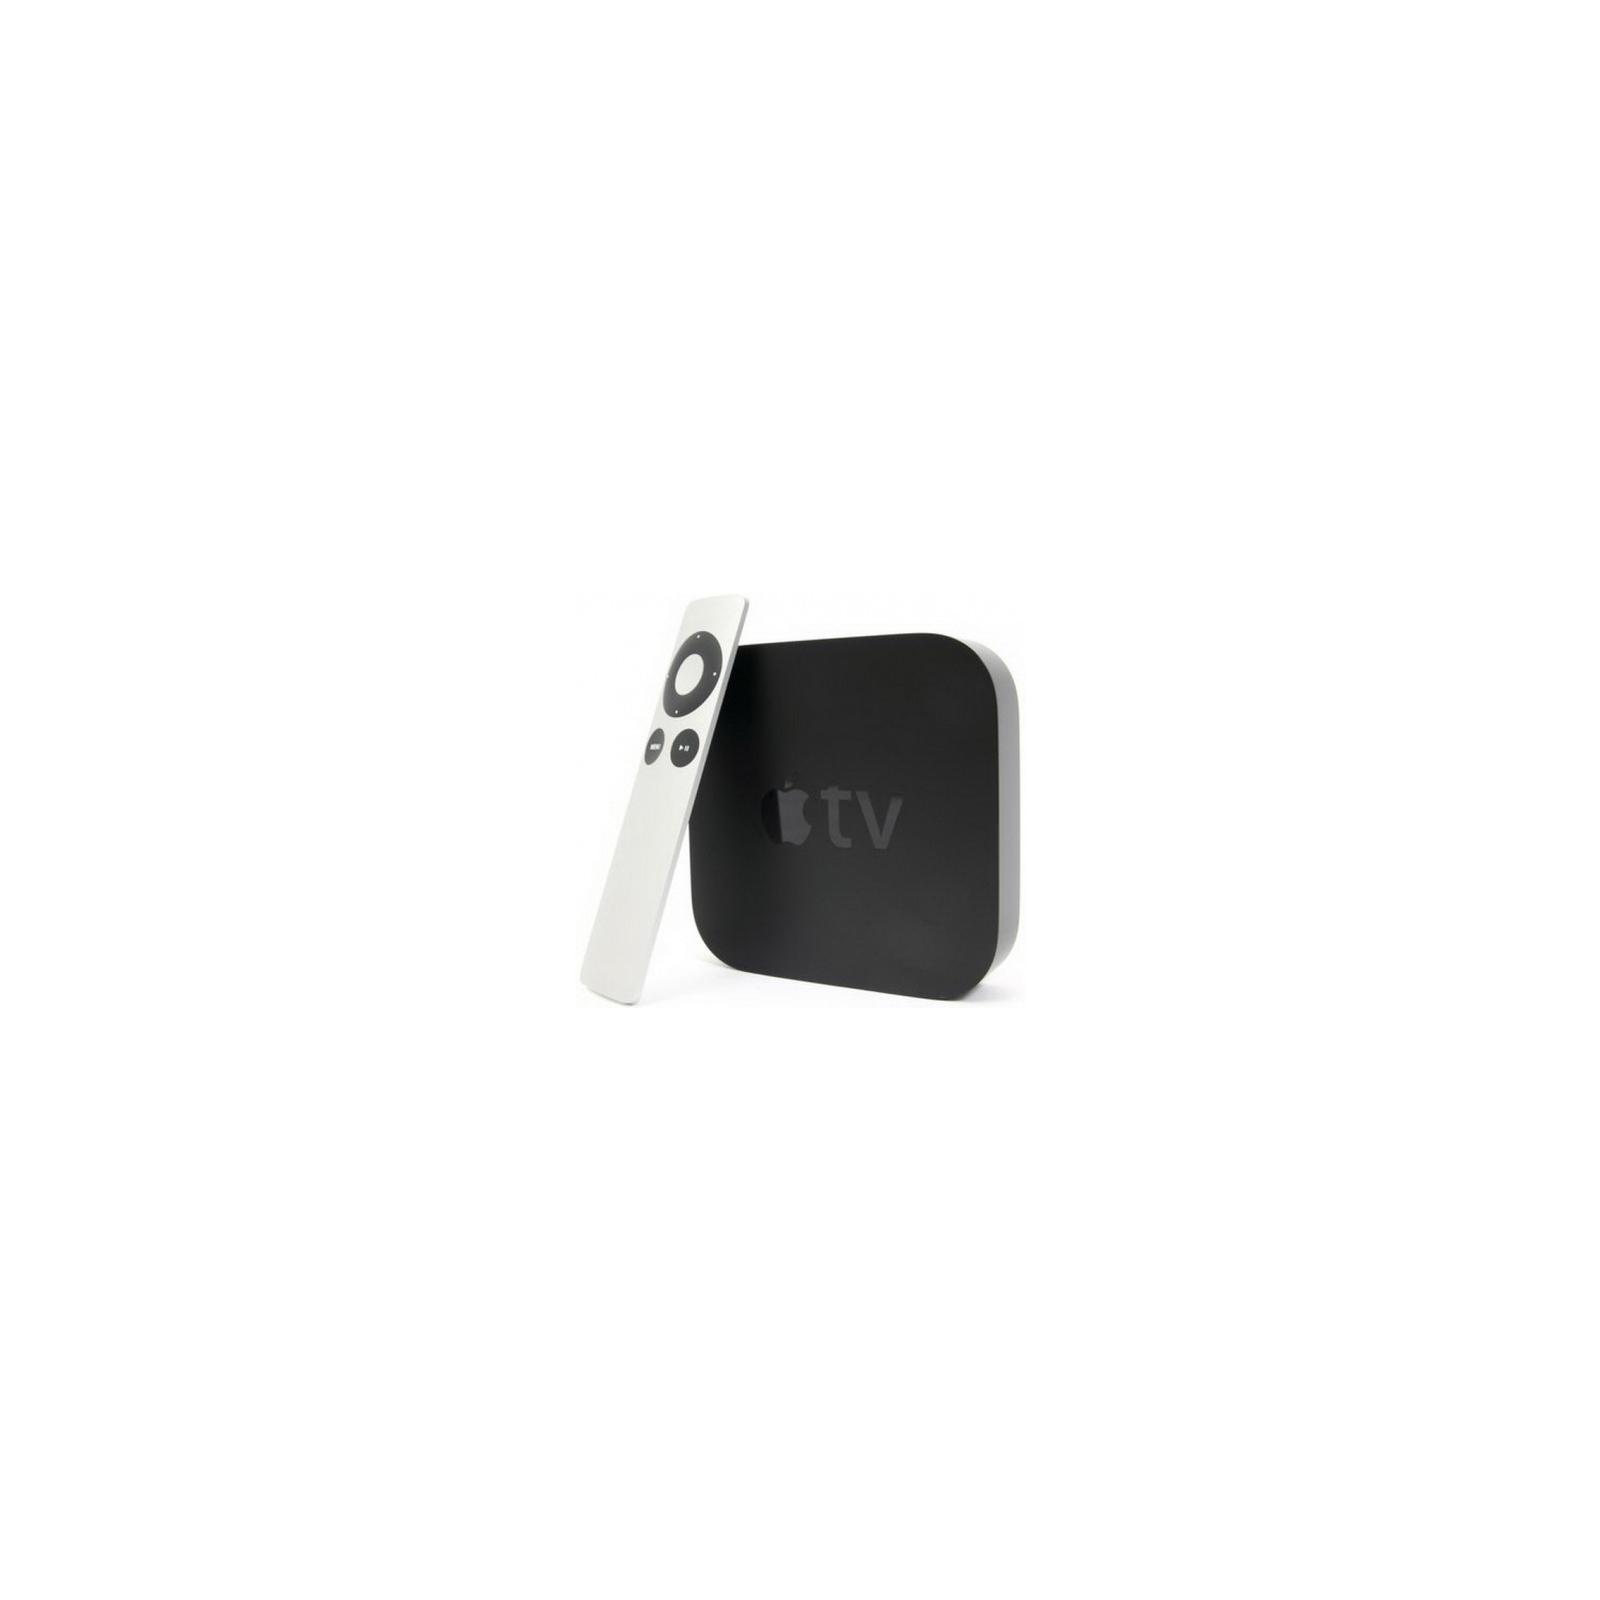 Медиаплеер Apple TV A1469 (Wi-Fi) (MD199RS/A) изображение 5